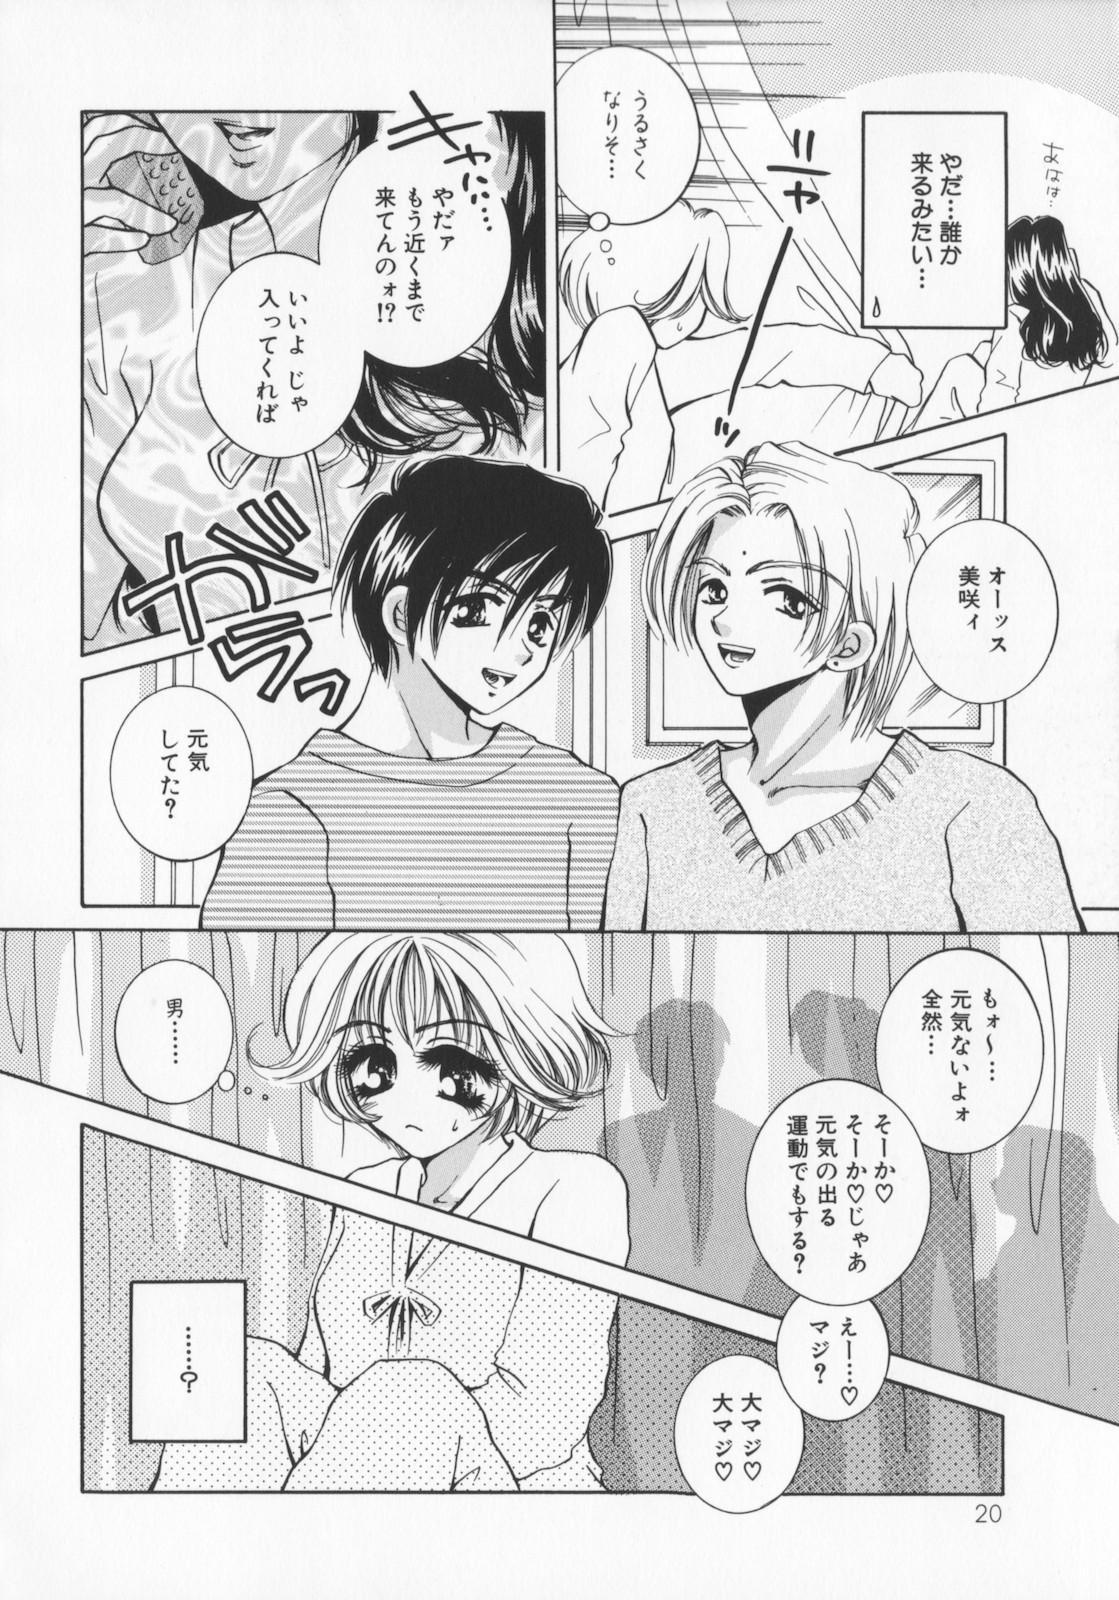 Kichiku dorei 23